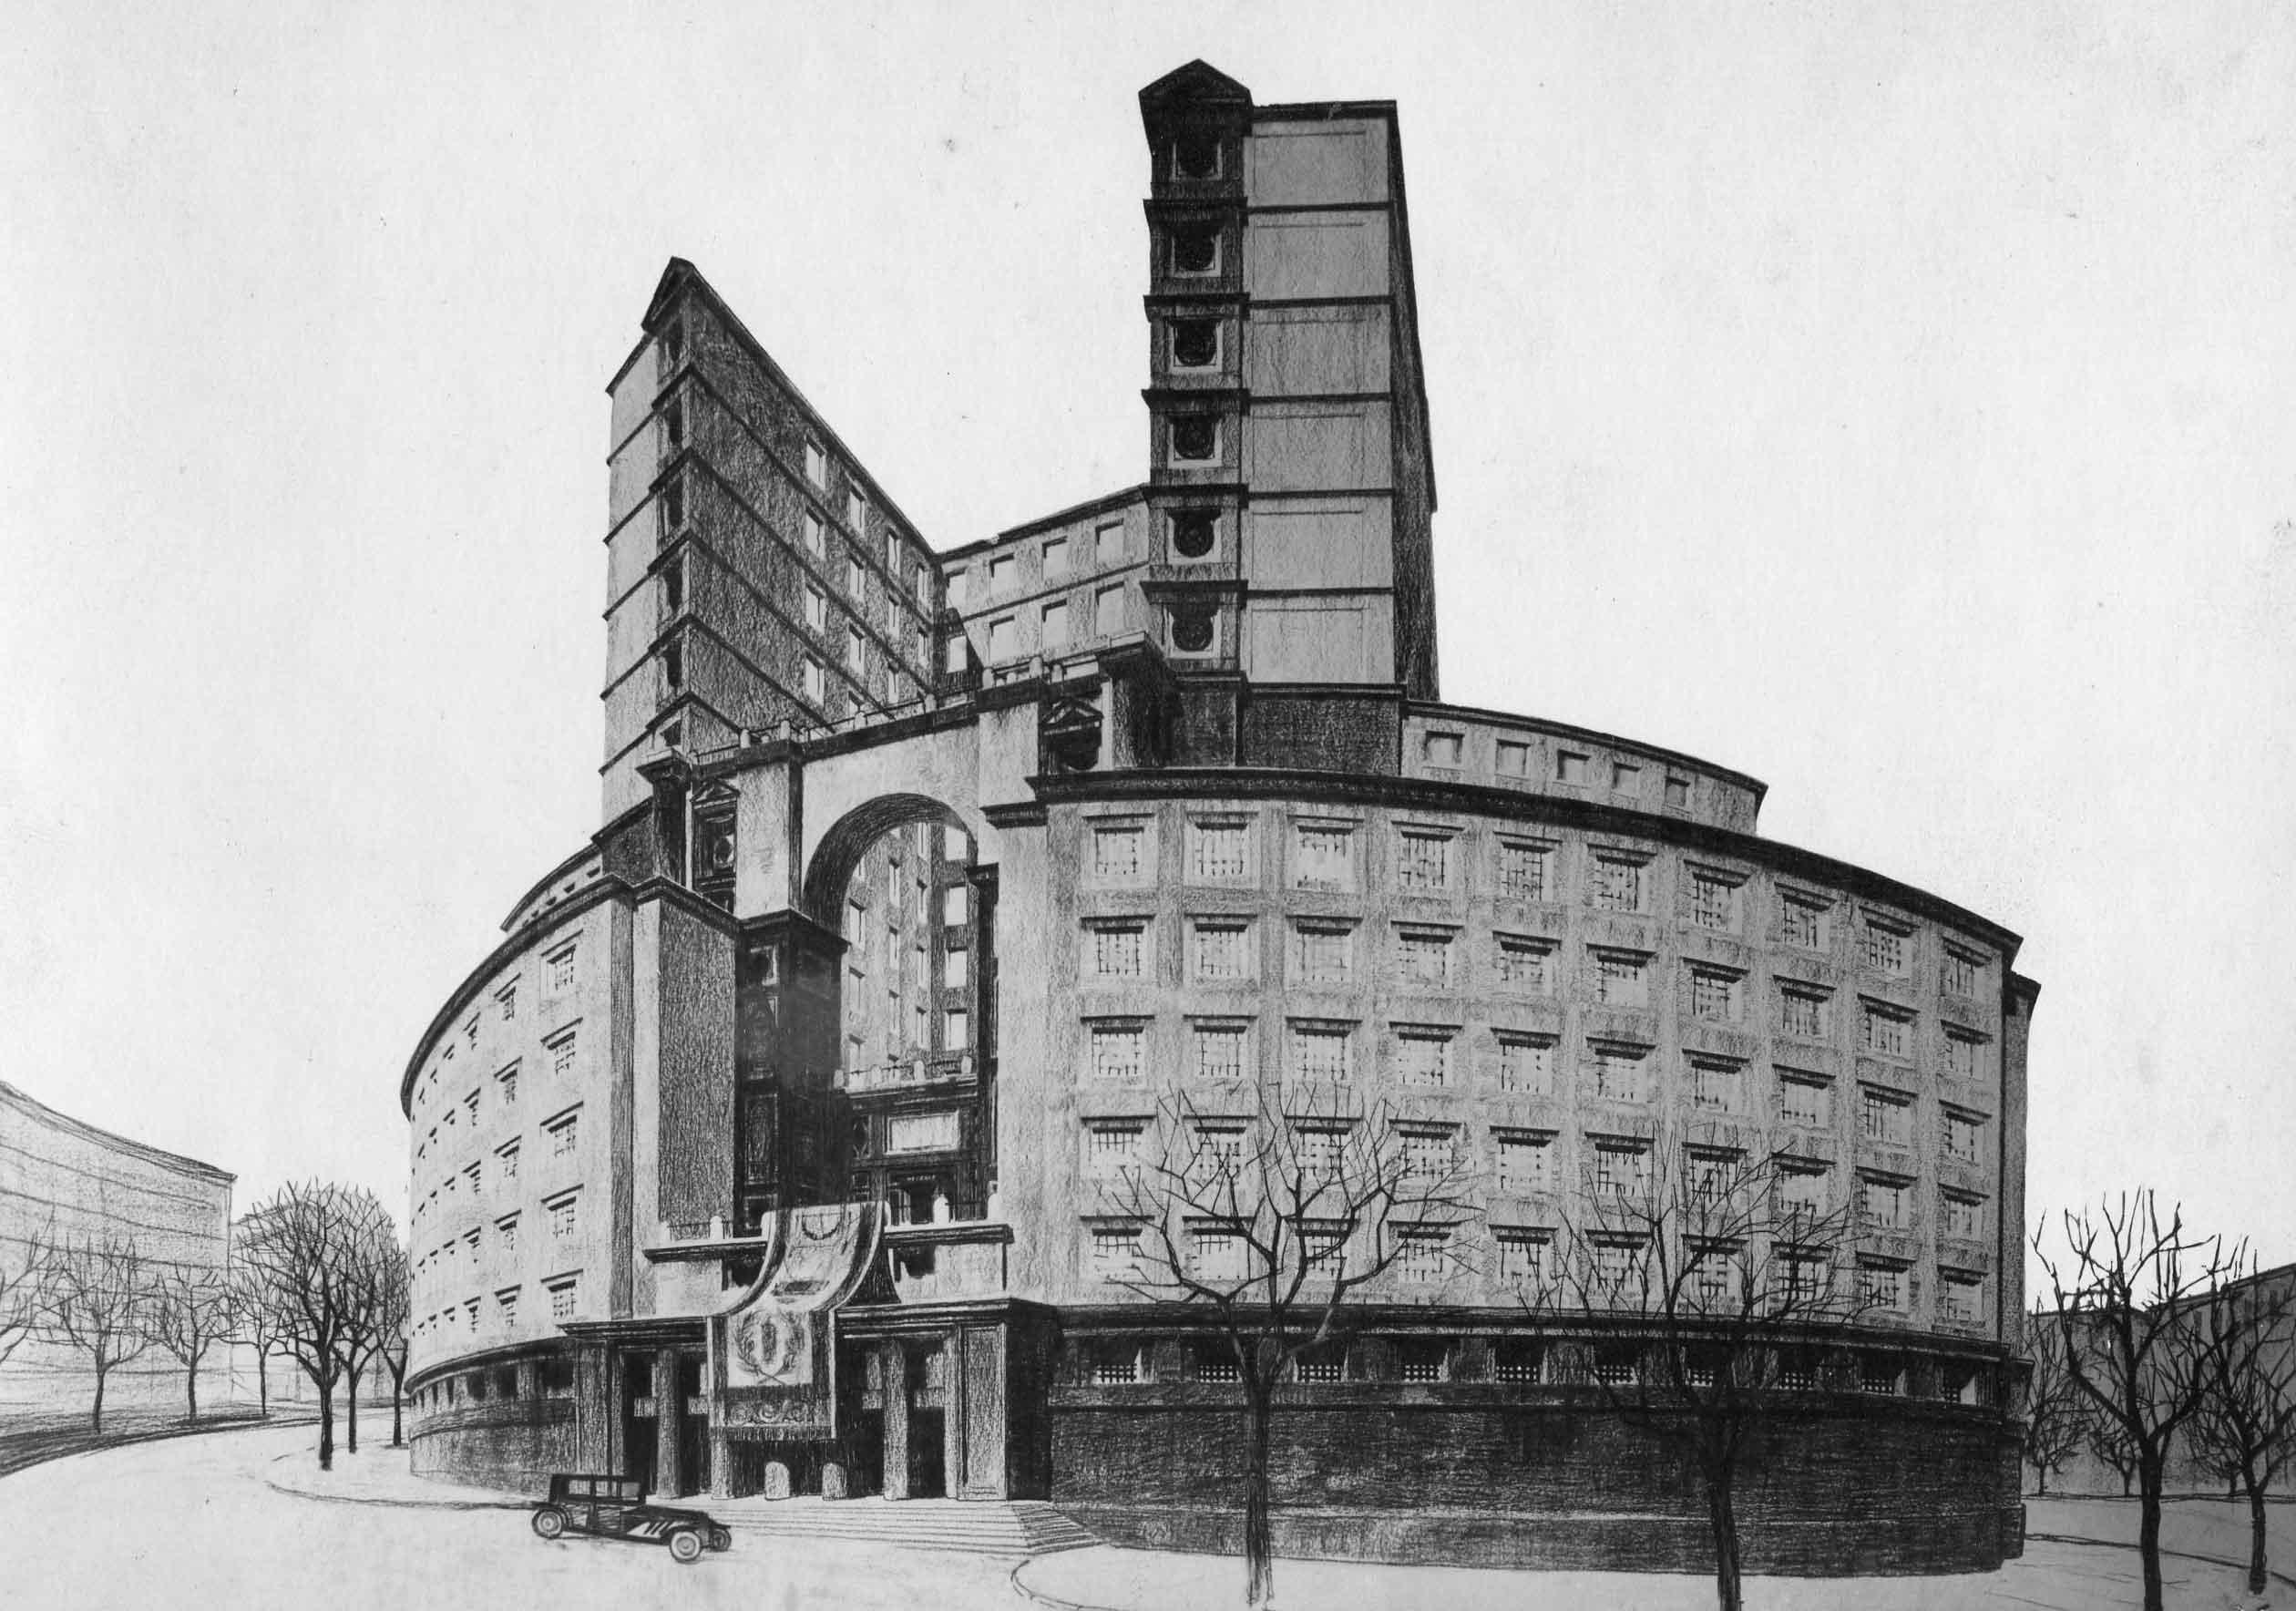 Progetto di concorso per il Palazzo delle Corporazioni a Roma